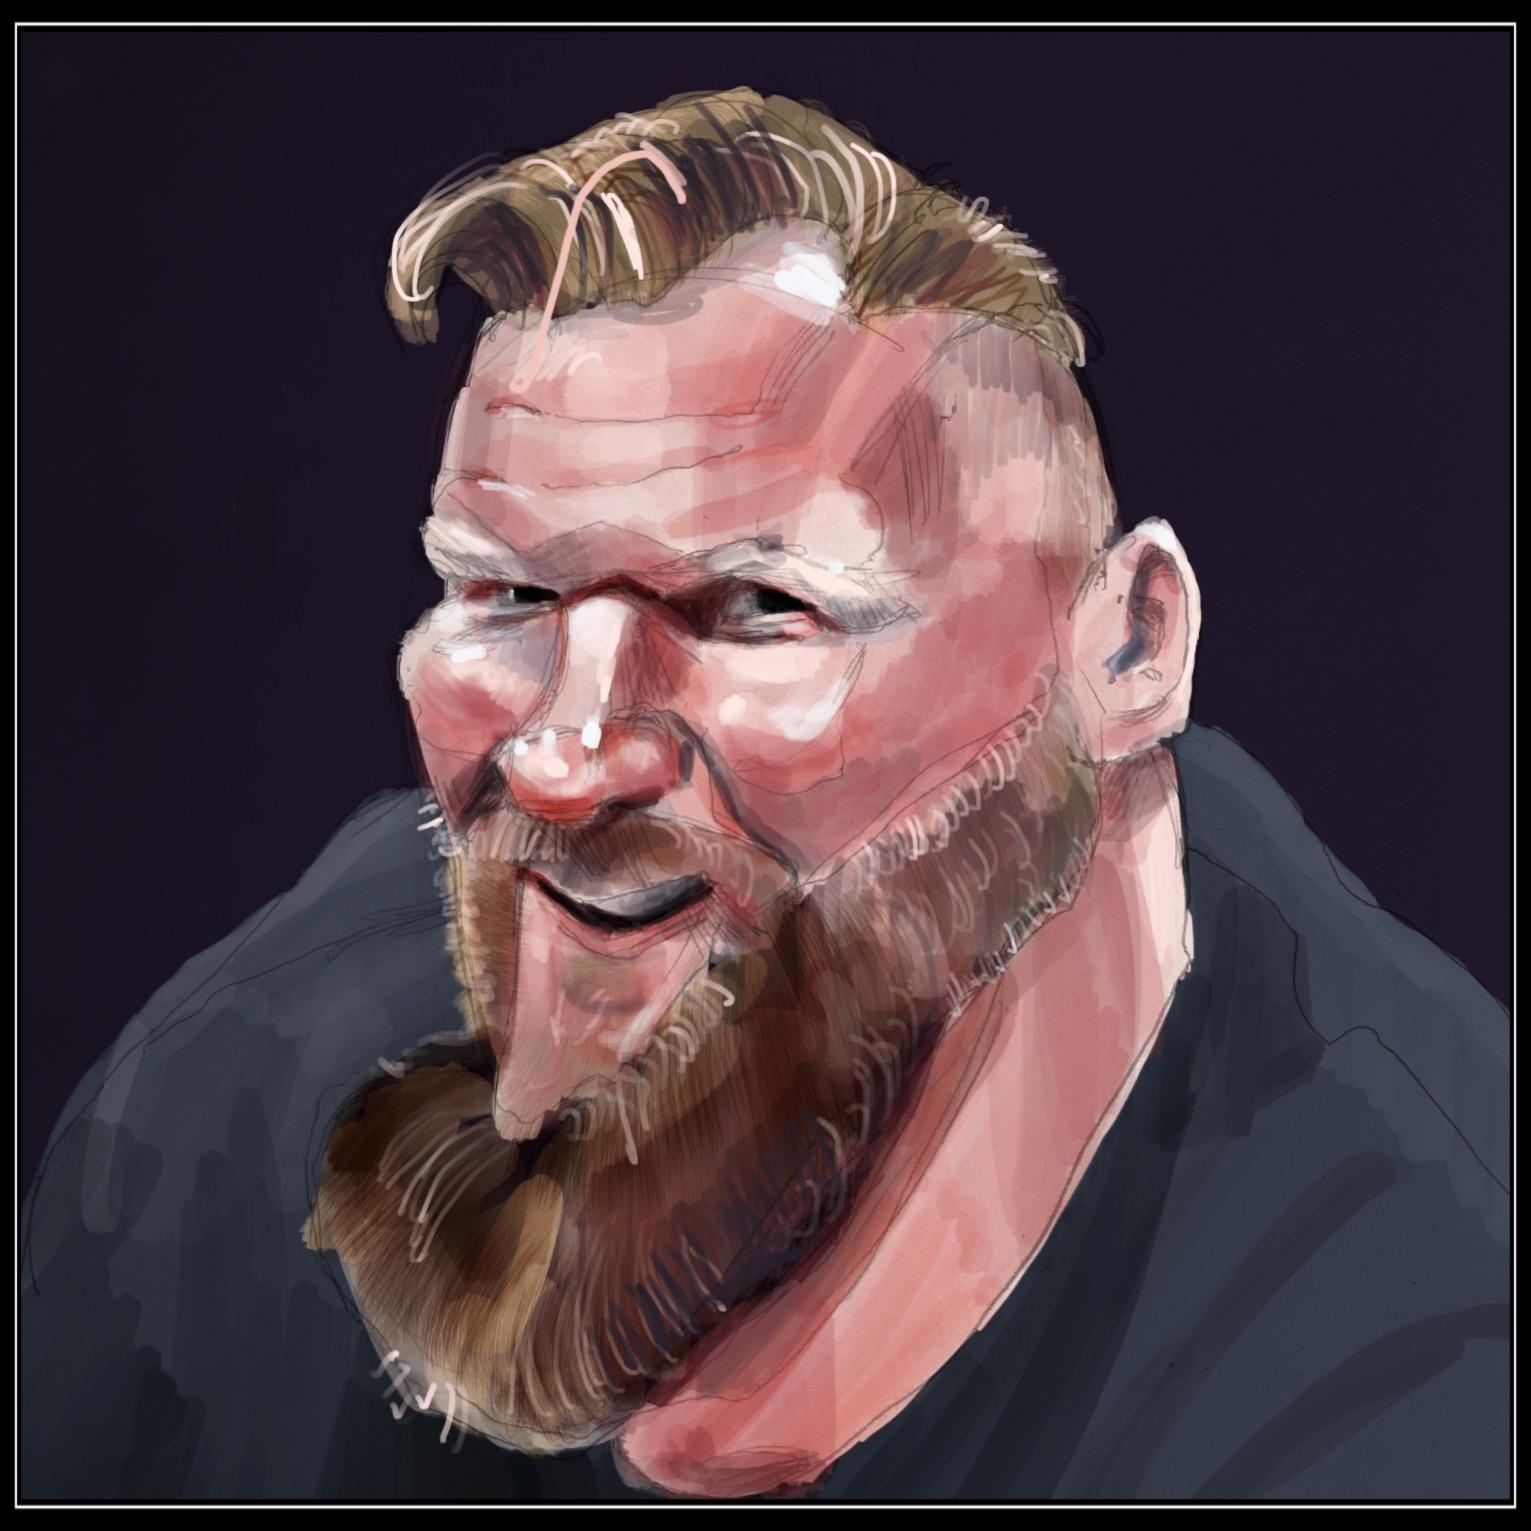 Josh Barnett; mma fighter and pro wrestler